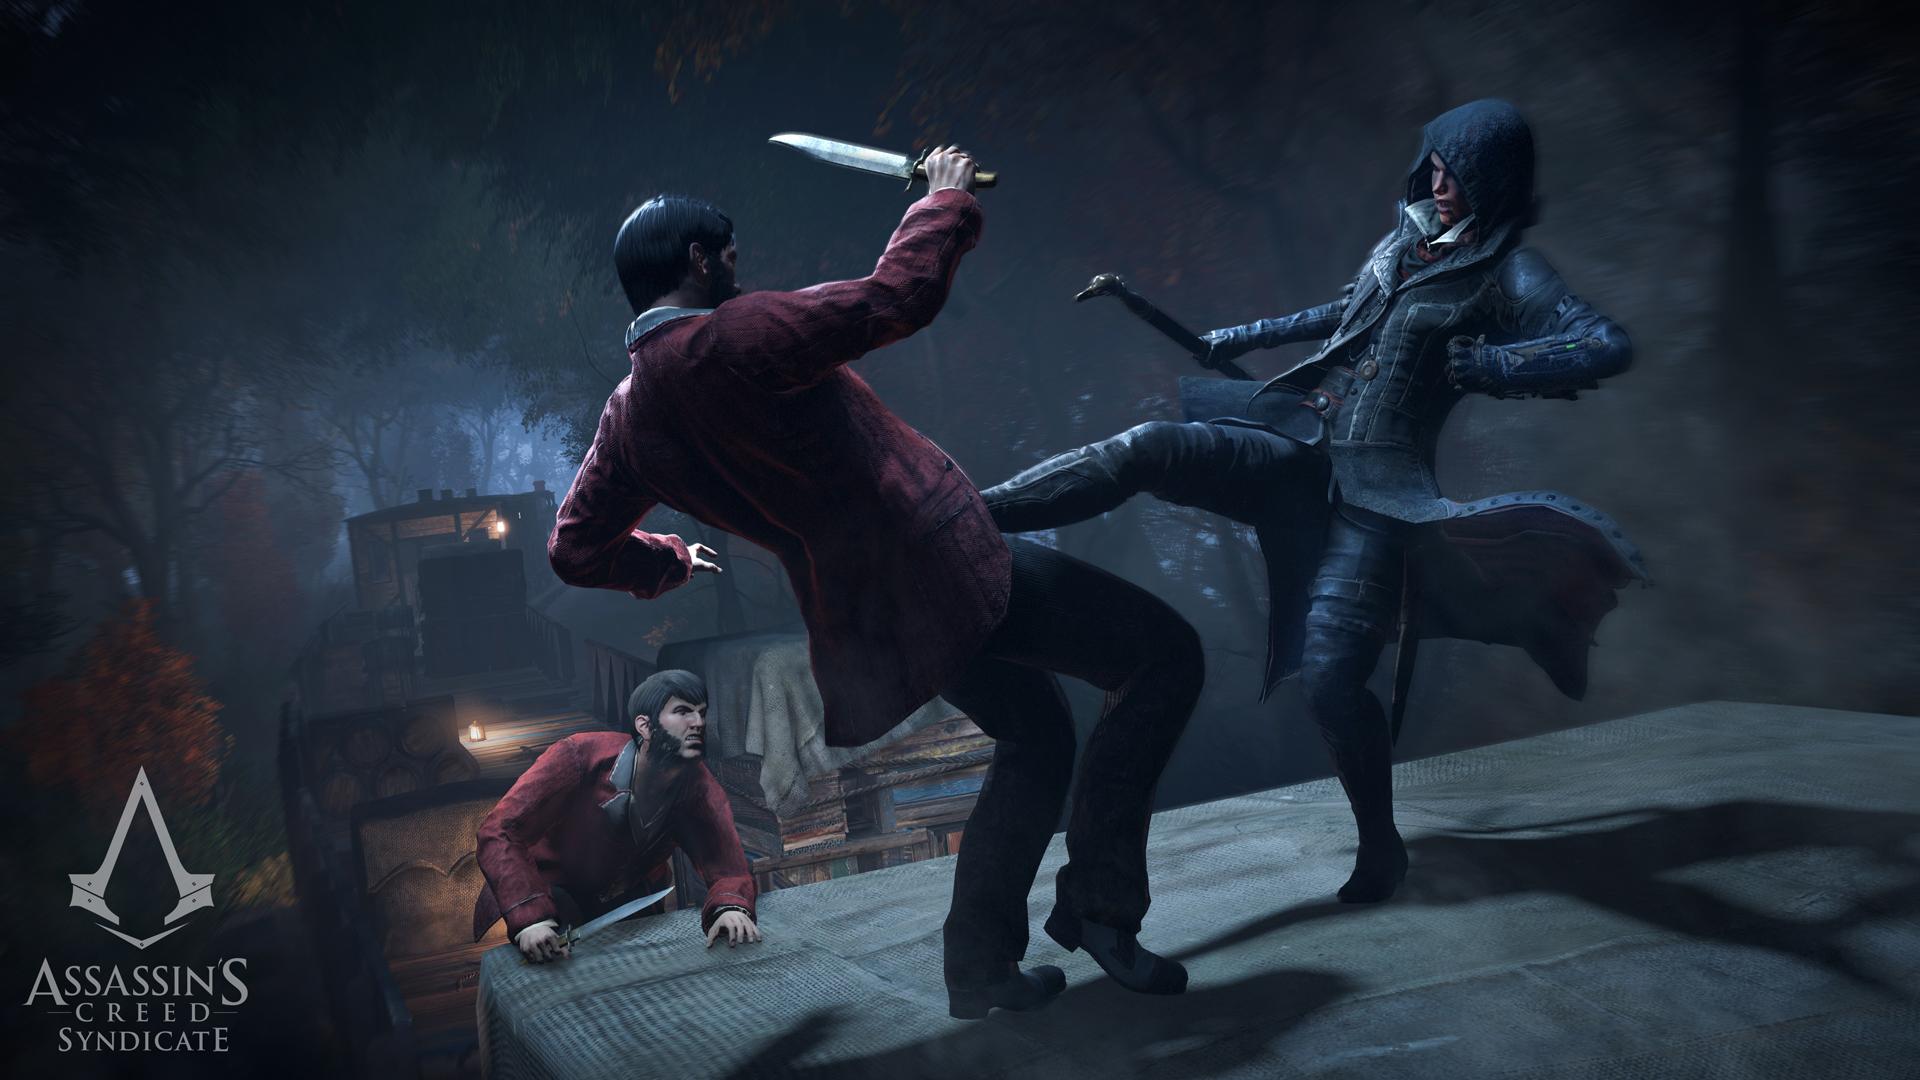 O dvojčatech Freyeových v traileru Assassin's Creed Syndicate 112501